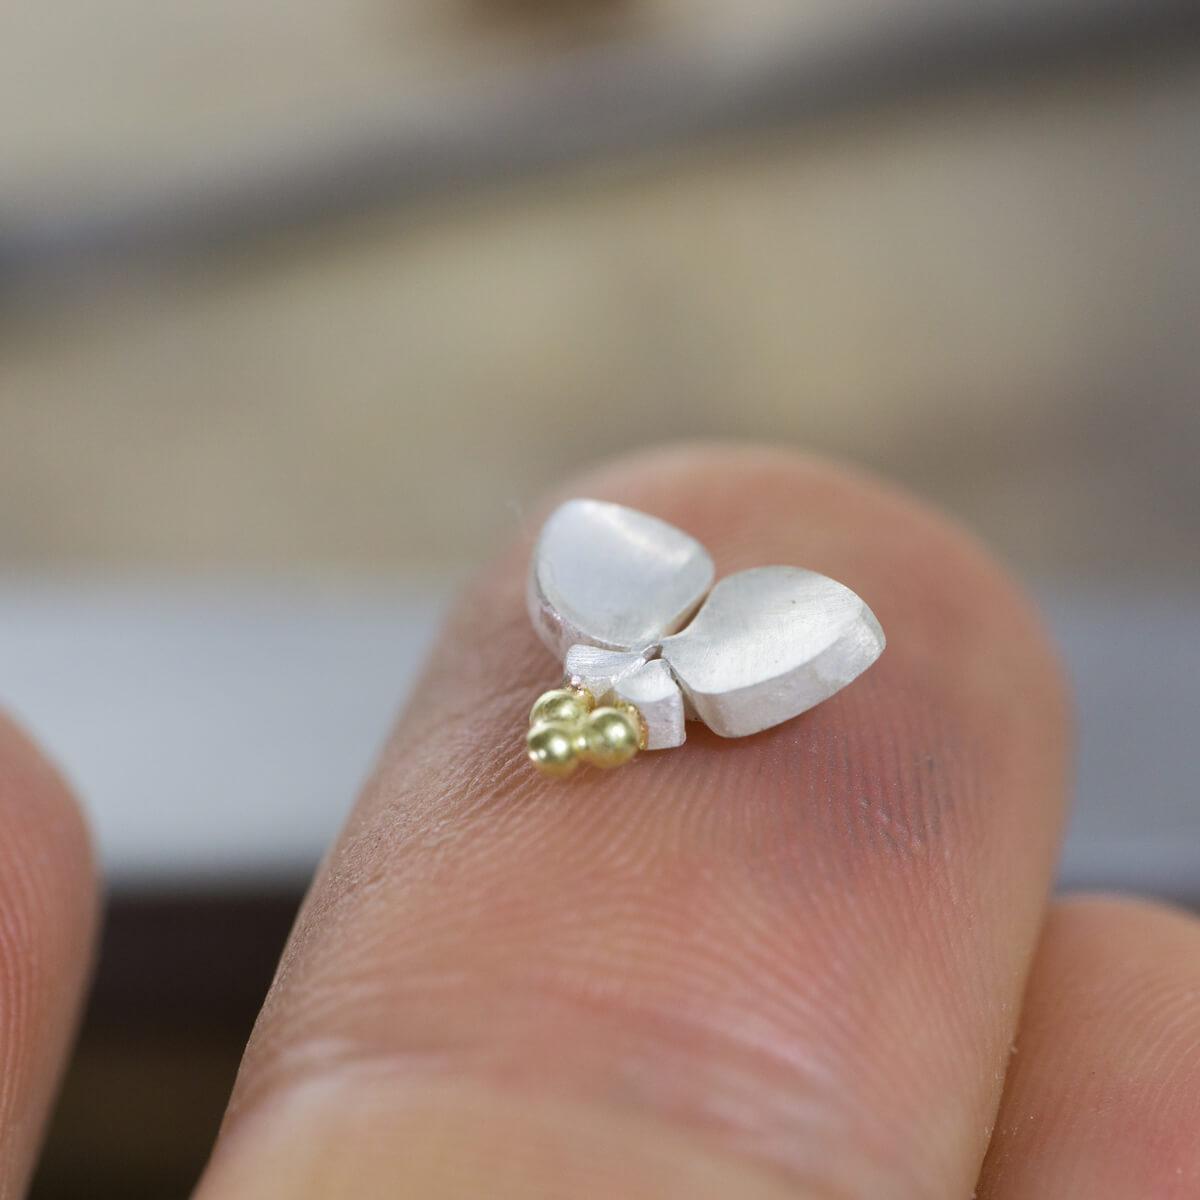 角度2 オーダーメイドジュエリーの制作風景 ジュエリーのアトリエ シルバー 屋久島のツユクサモチーフ 屋久島でつくる結婚指輪